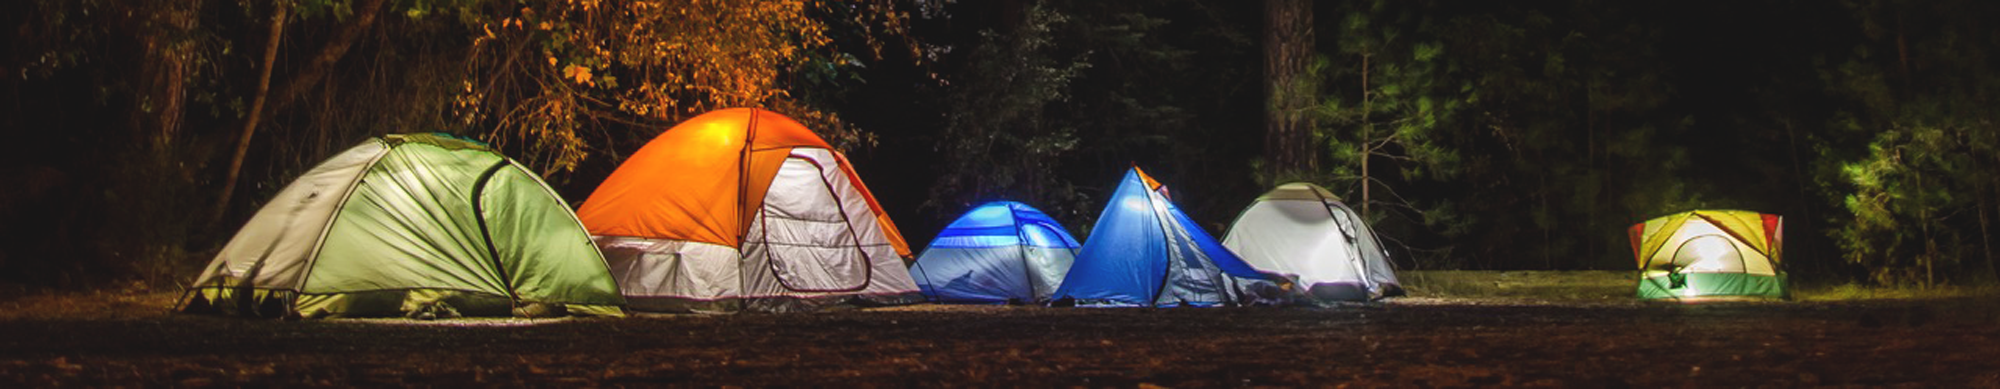 Camping | Brunswick MO